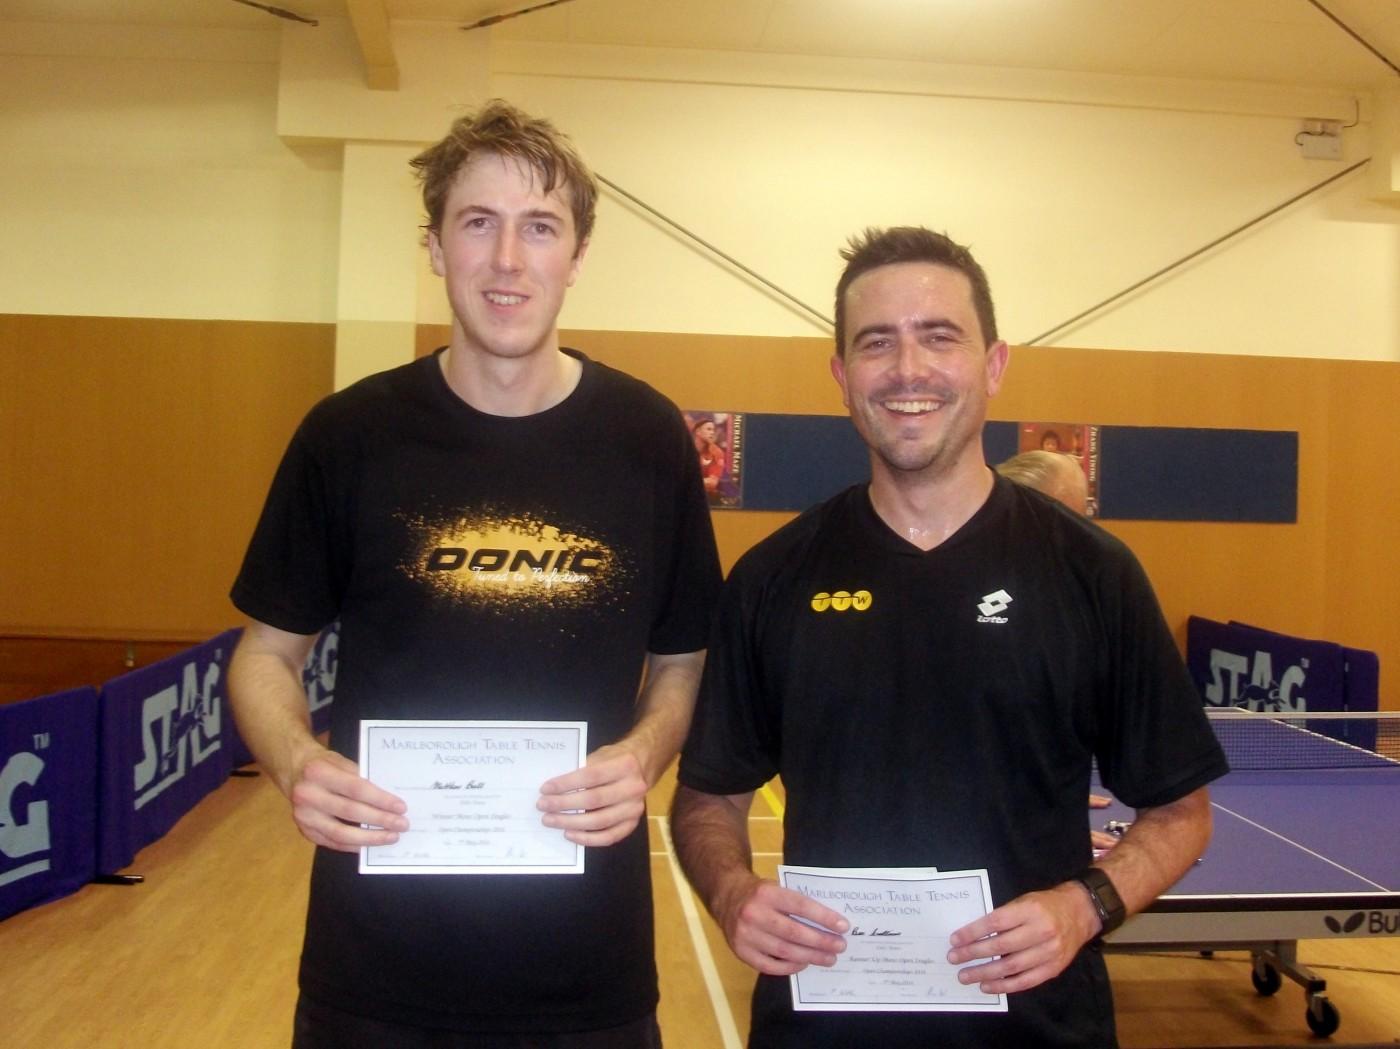 Matthew Ball (Men's Singles winner) and Ben Collins (Men's Singles runner up)